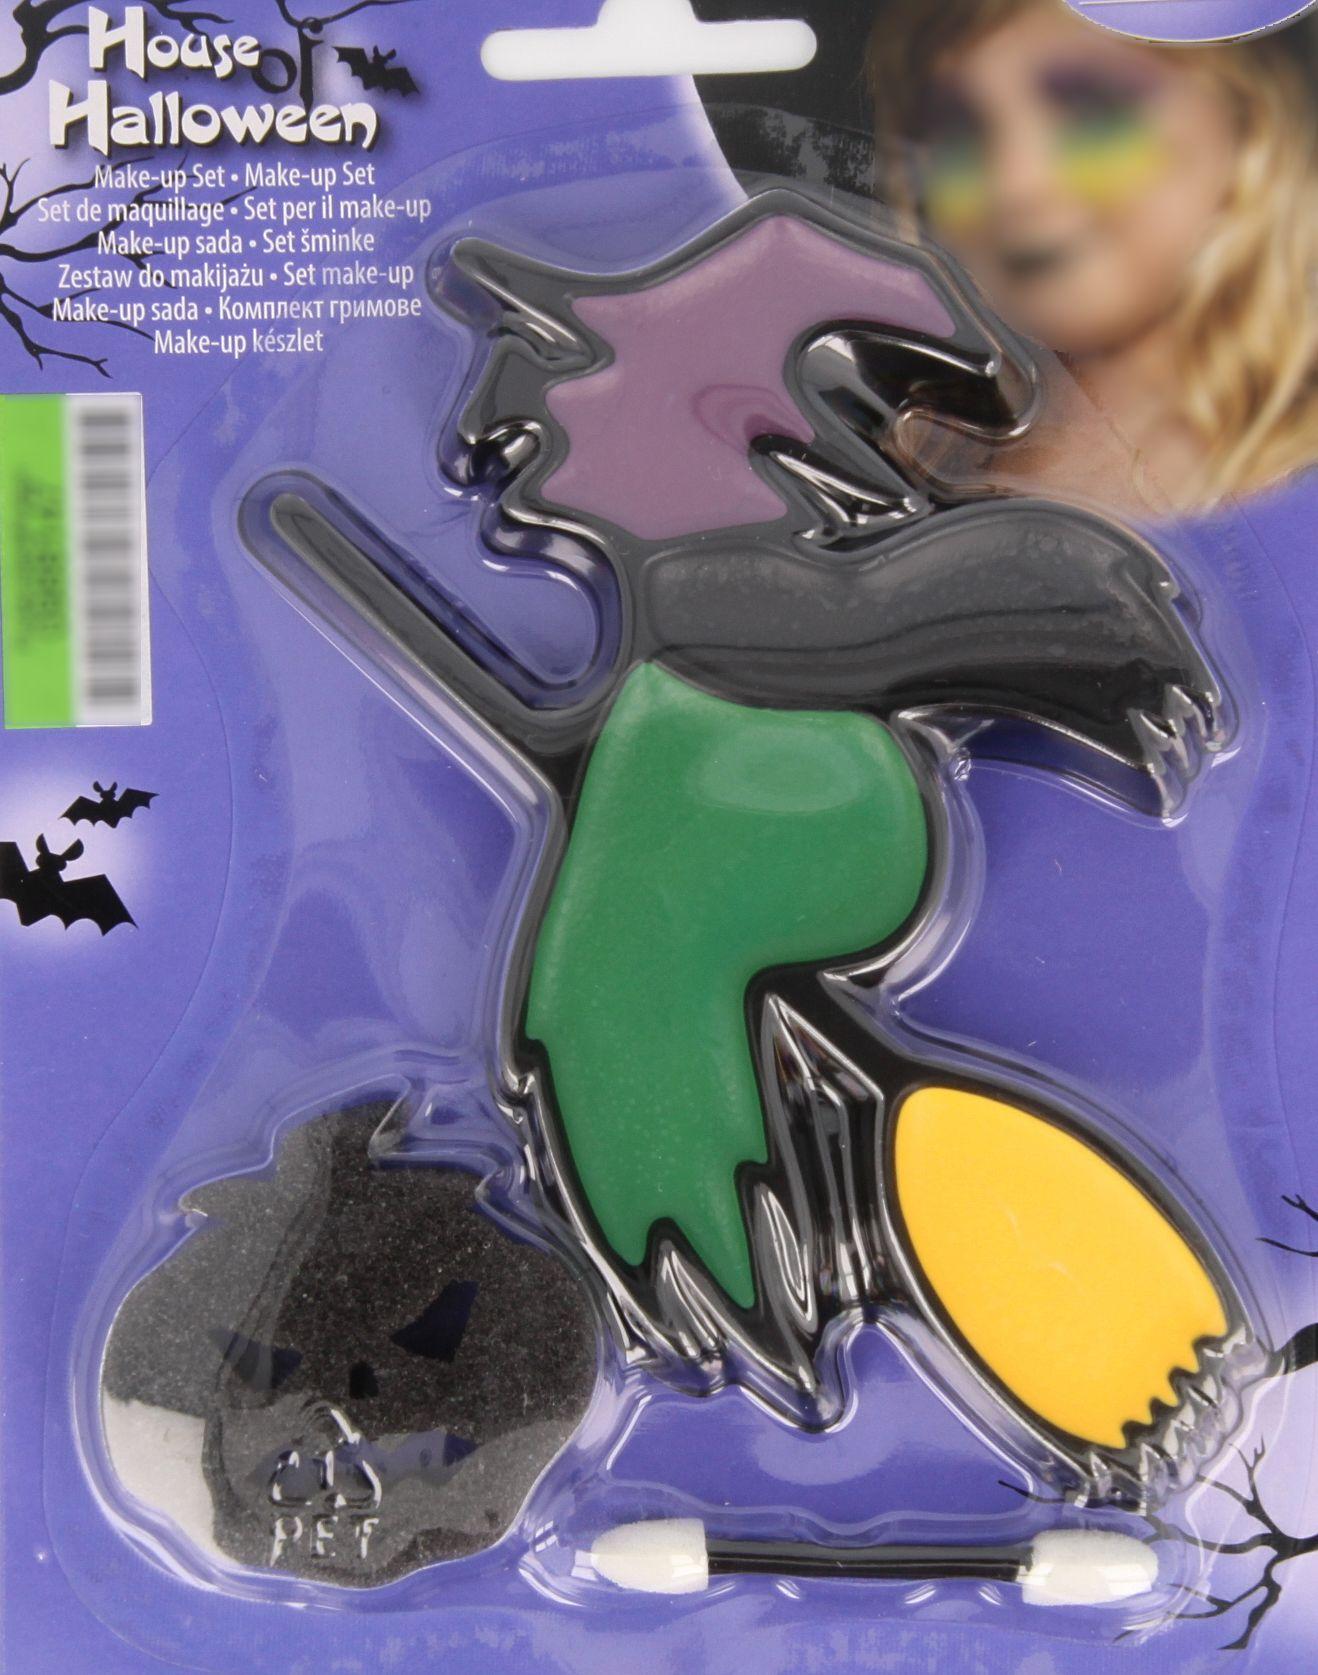 uf dem Bild ist ein Halloweenschminkset zusehen. Es besteht aus einer bunten Gesichtsfarbenpalette in Form einer Hexe auf ihrem Besen und einem schwarzen Schminkschwamm in Kürbisoptik.